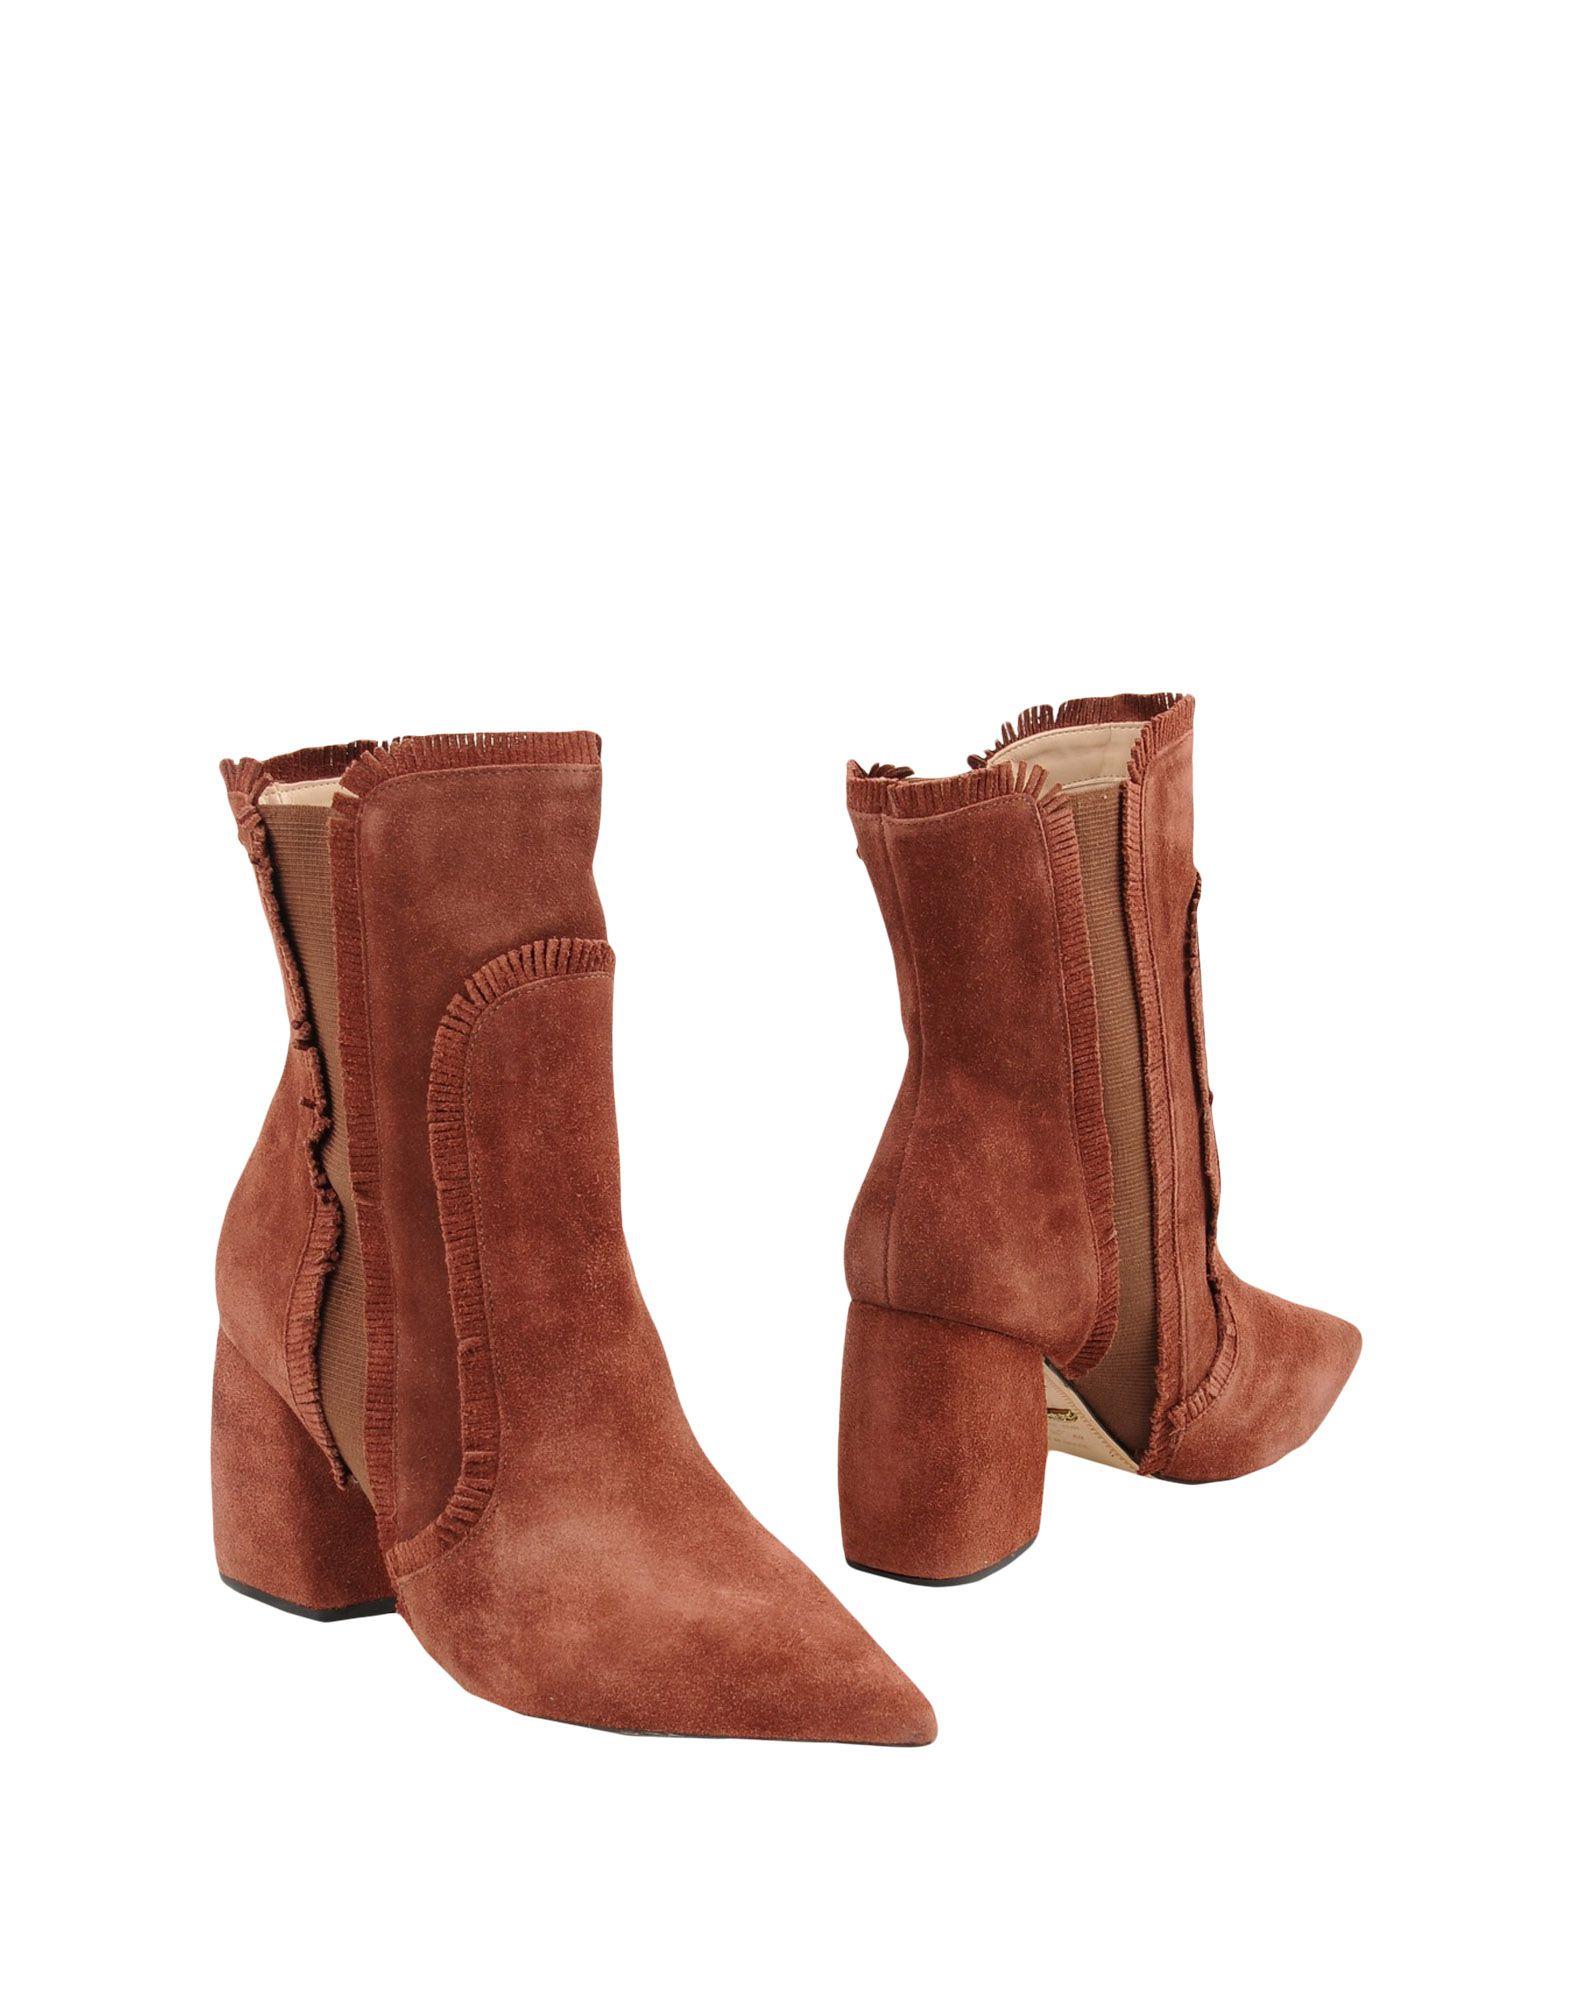 Werner Stiefelette strapazierfähige Damen  11339558TKGut aussehende strapazierfähige Stiefelette Schuhe 681690